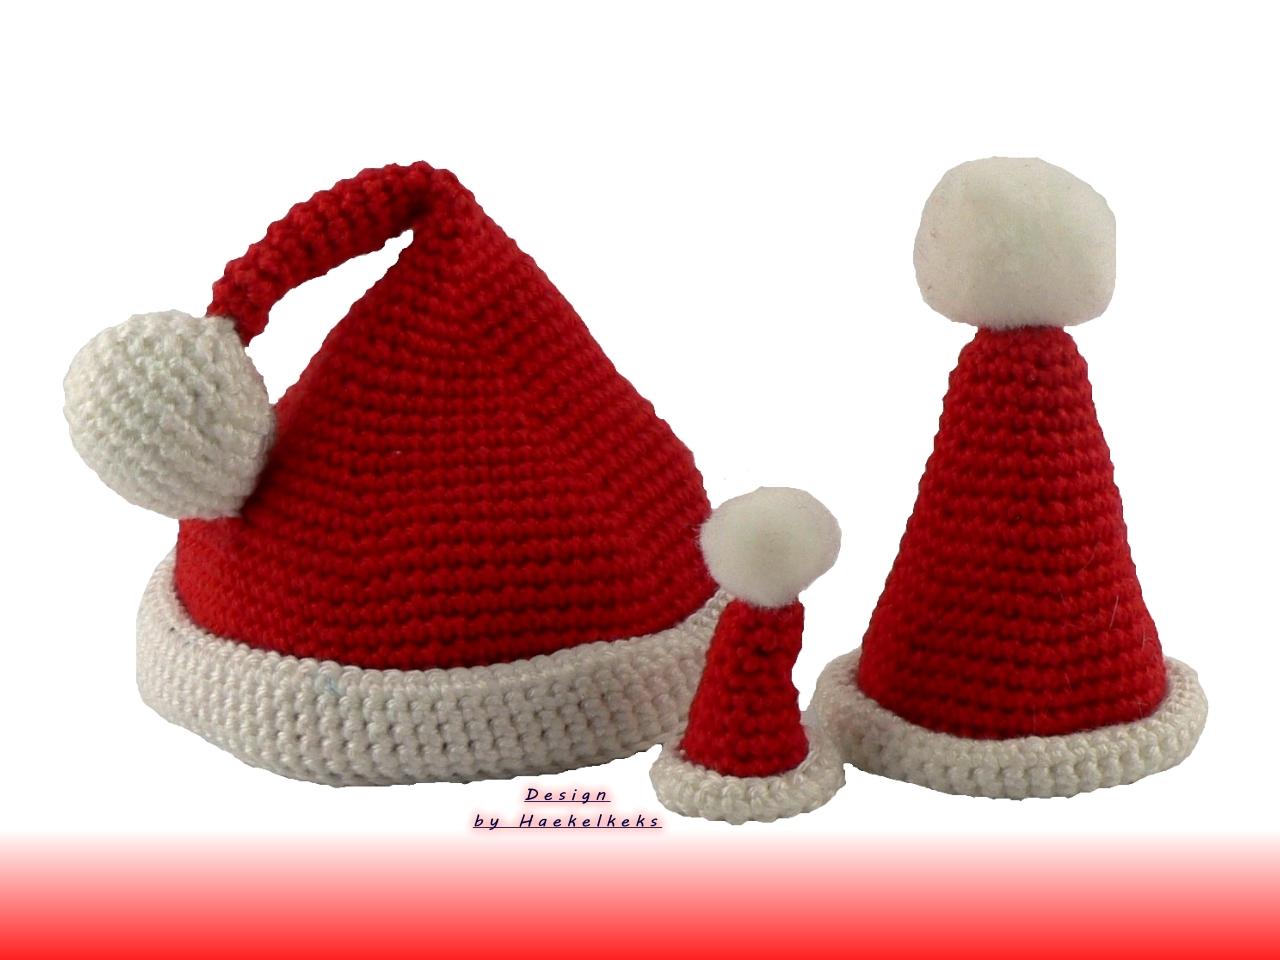 Amigurumi - Weihnachtsmann häkeln | Häkelanleitung kostenlos ... | 960x1280